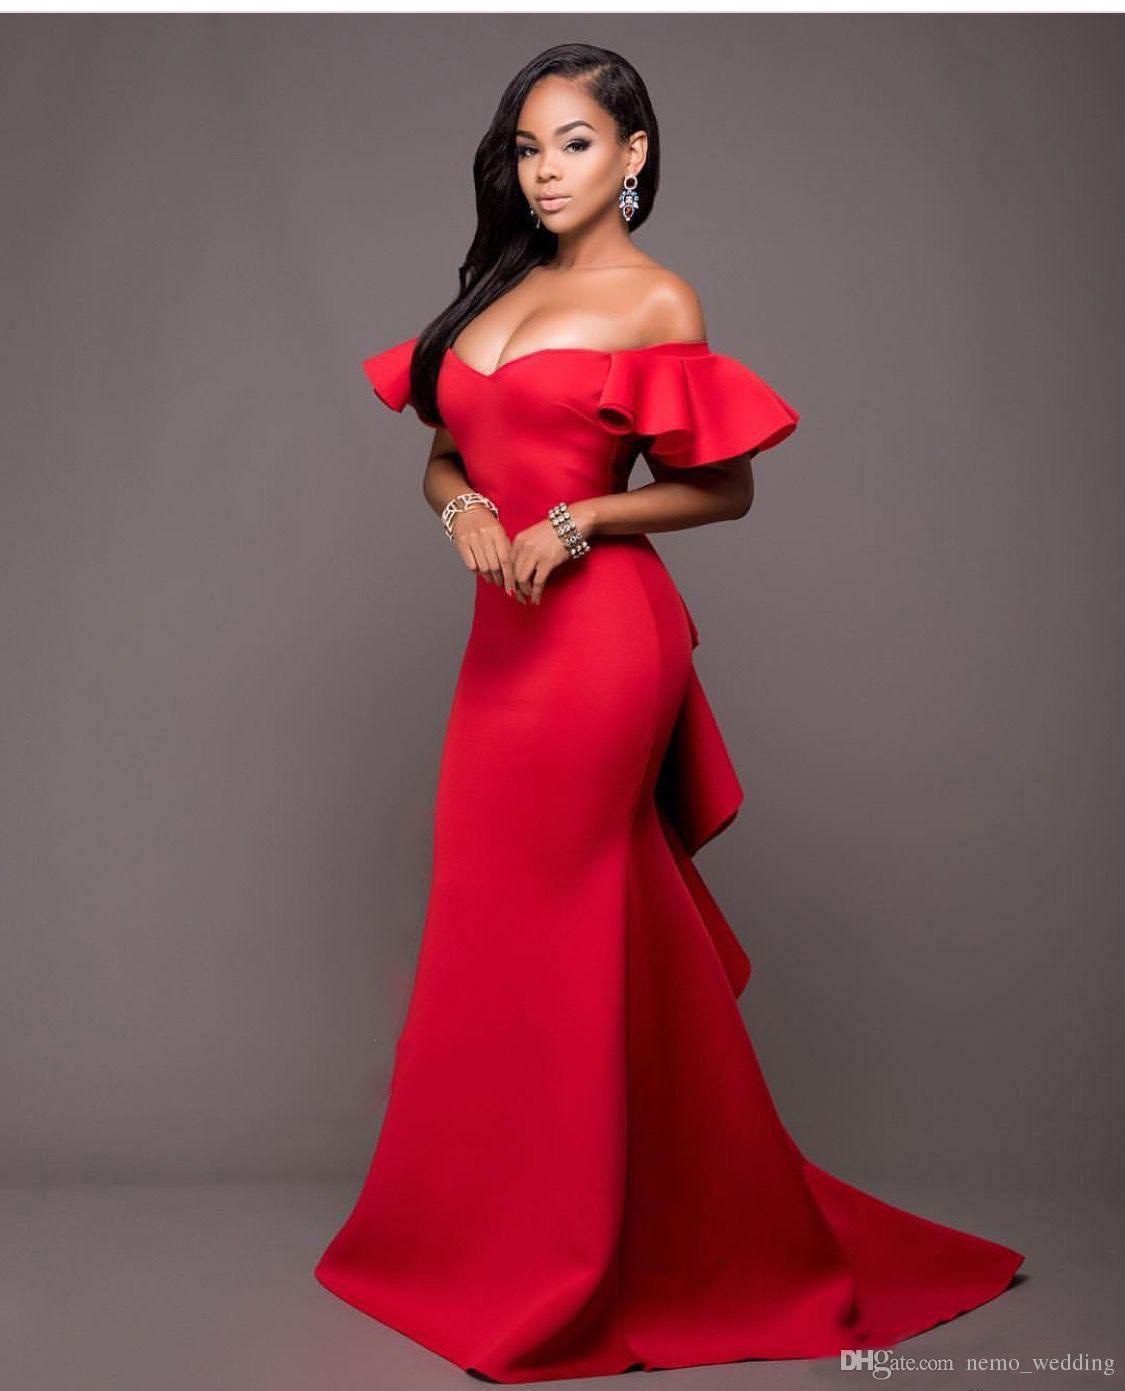 Spektakulär Rote Abendkleider Lang Boutique17 Genial Rote Abendkleider Lang Design